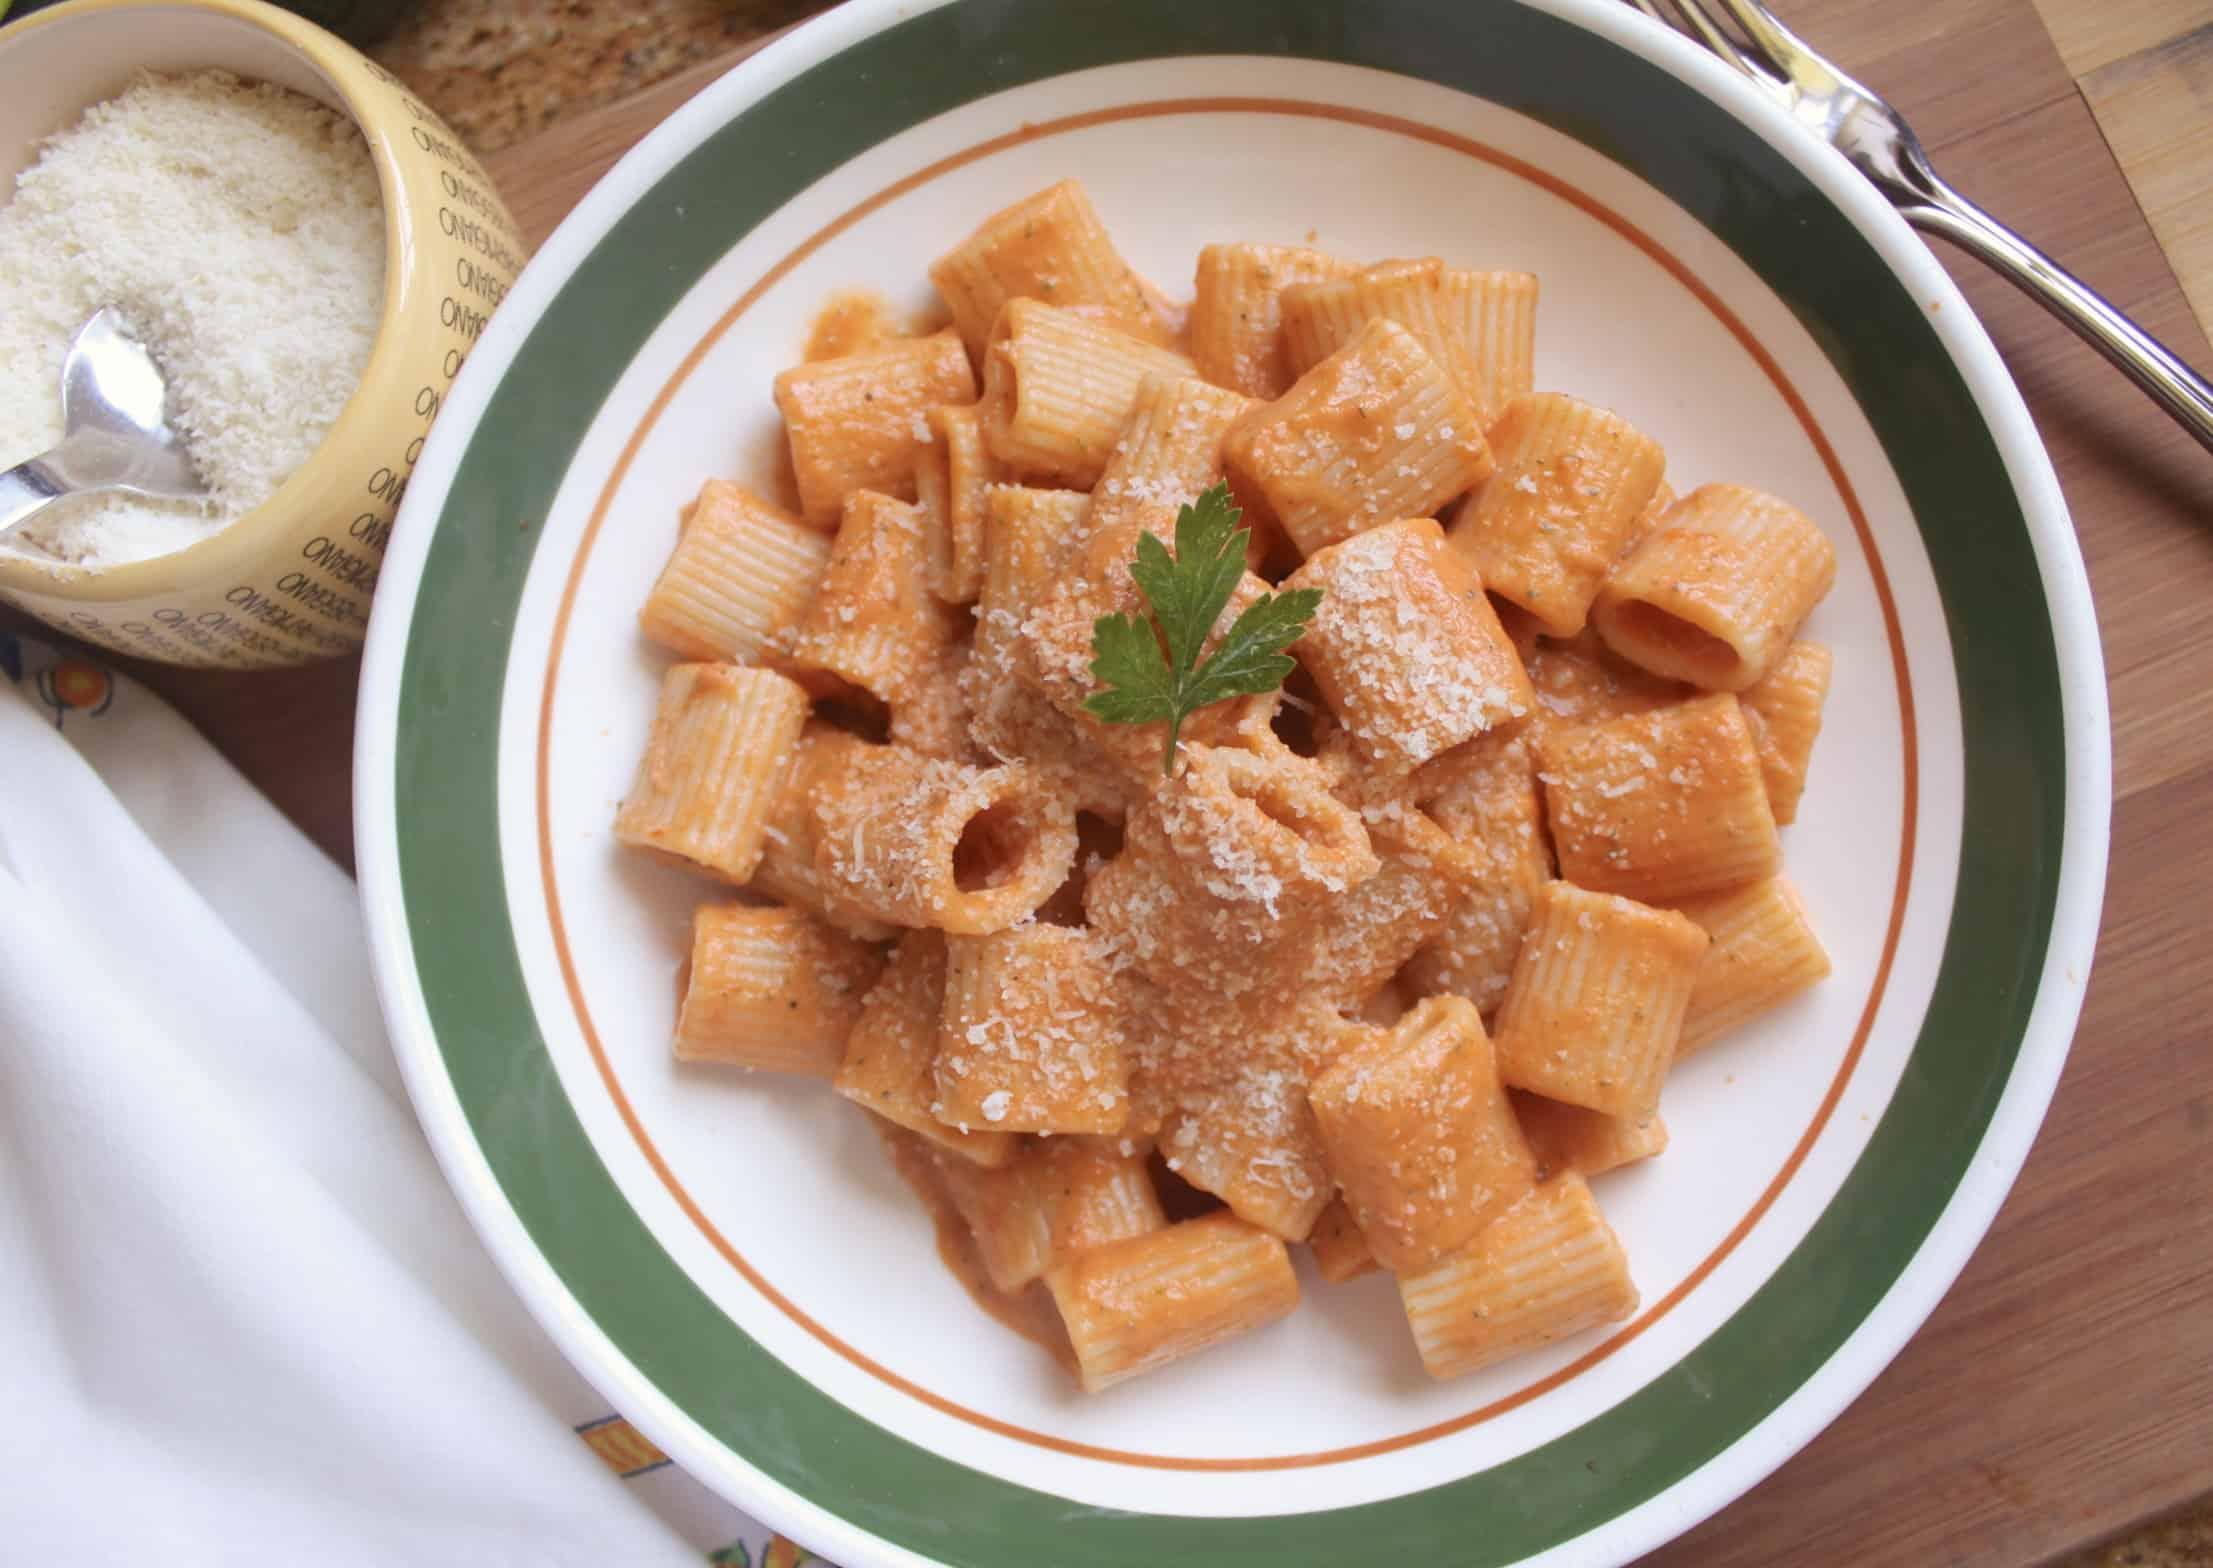 creamy zucchini and tomato sauce on mezzi rigatoni